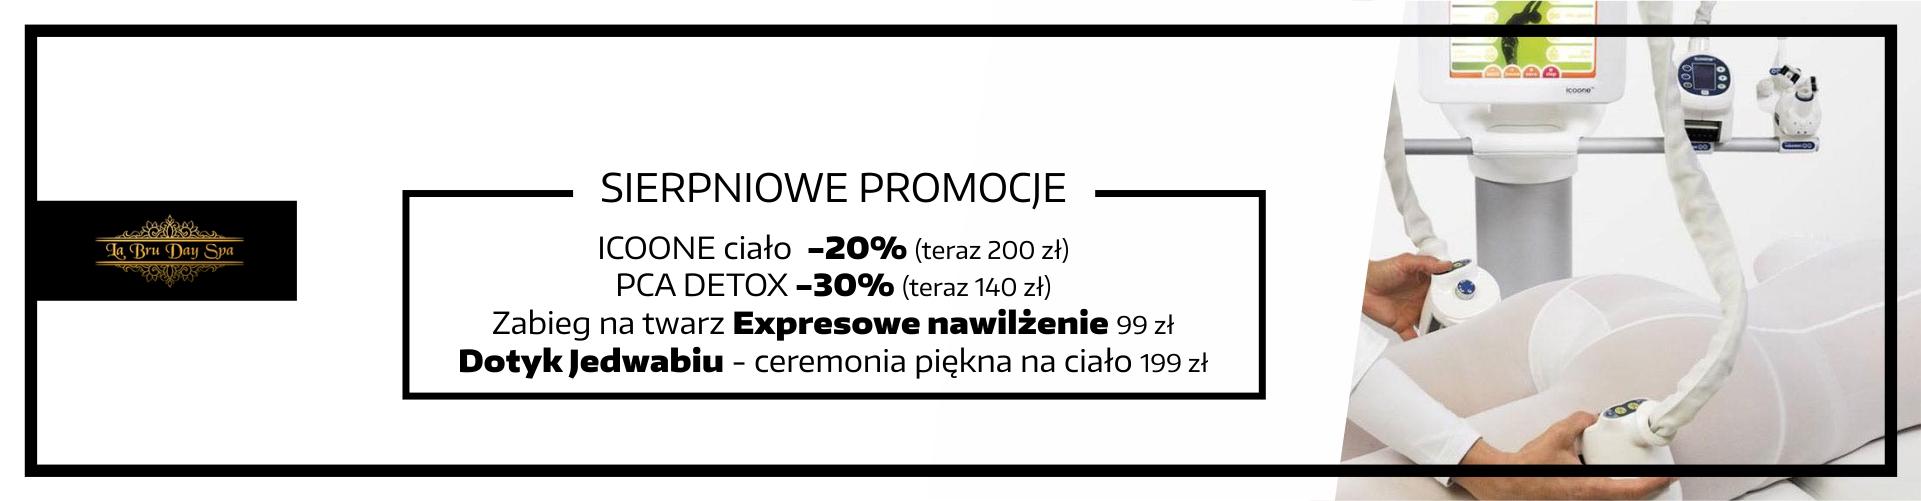 promo08